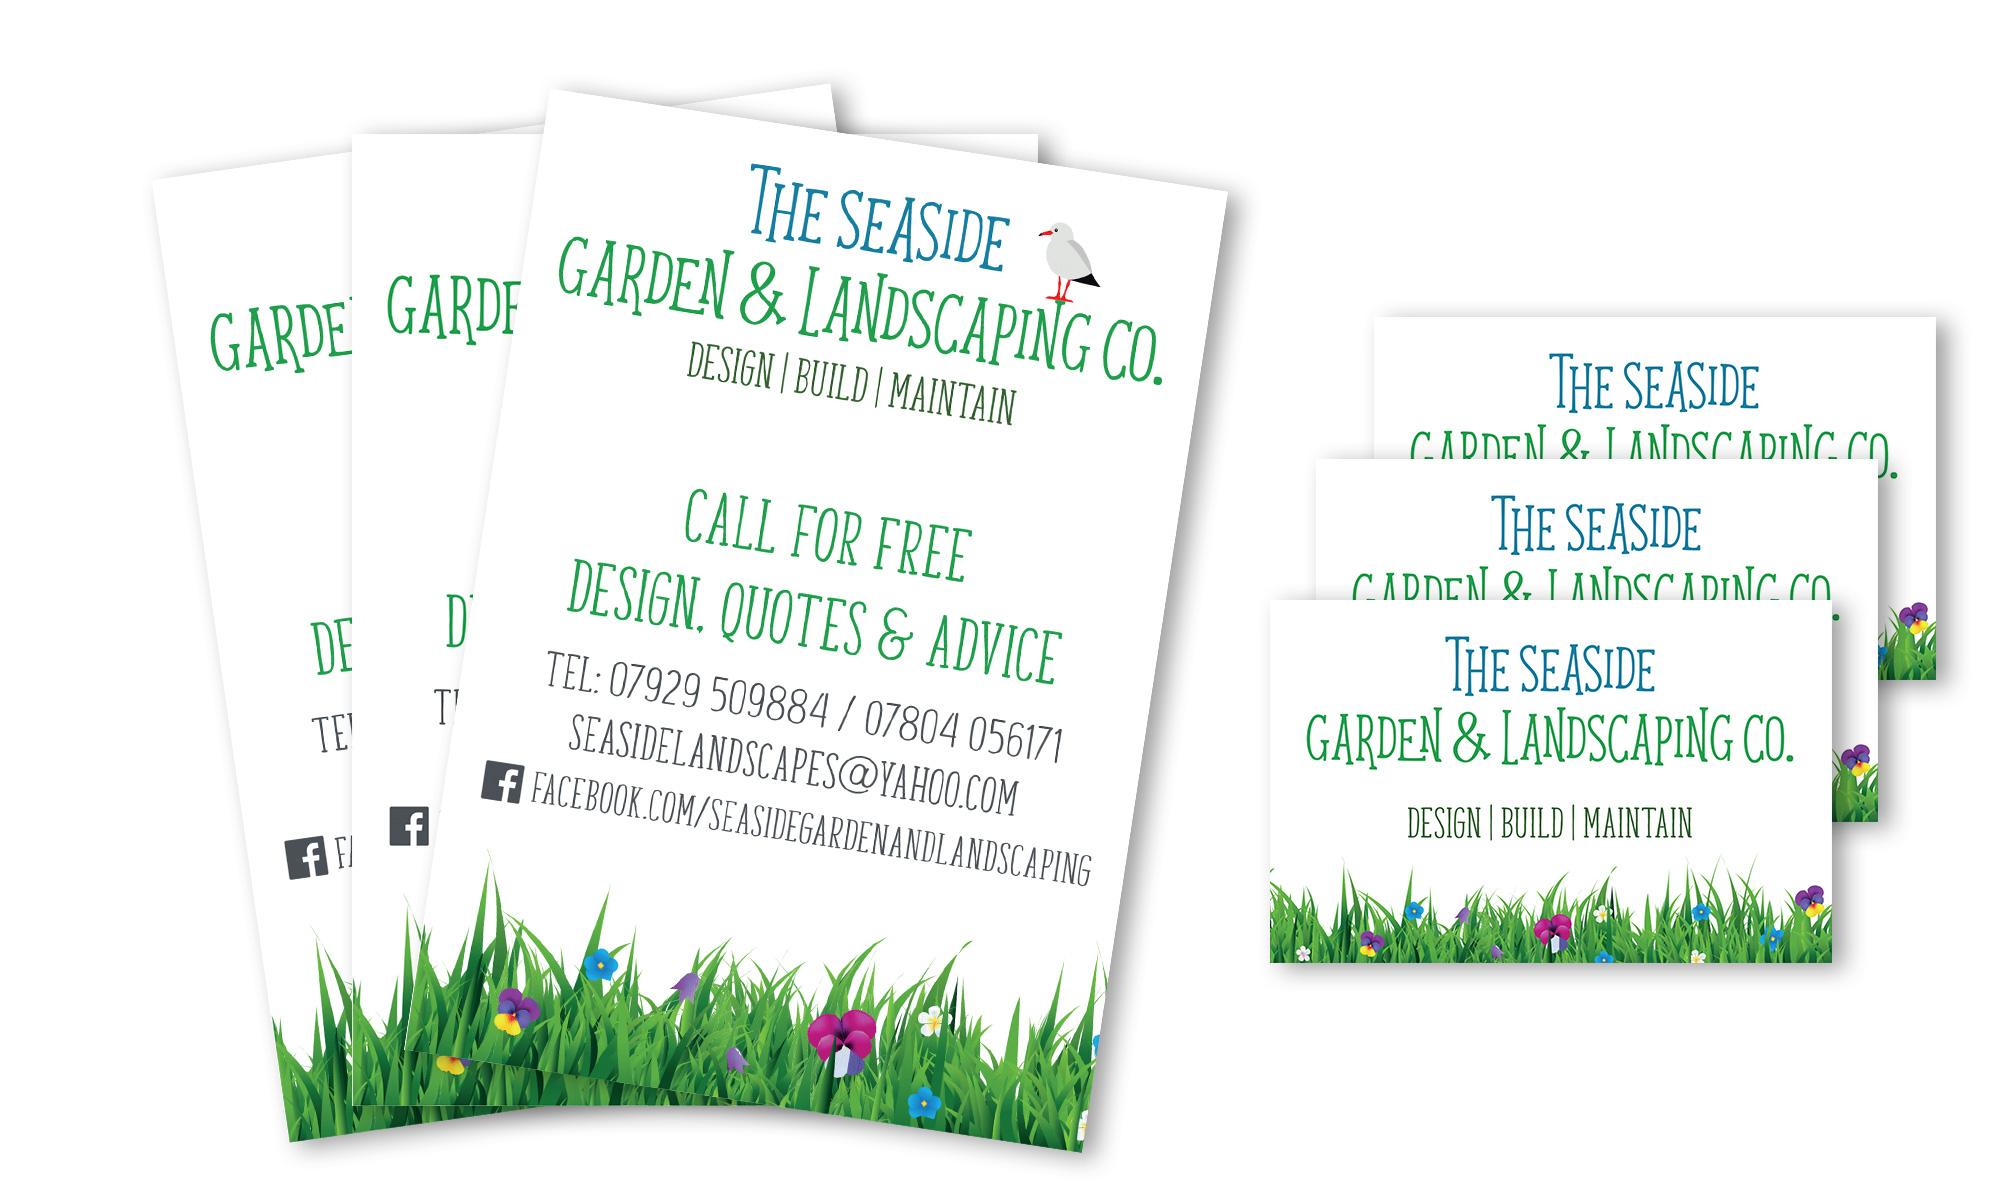 The Seaside Gardening Co. in Torbay